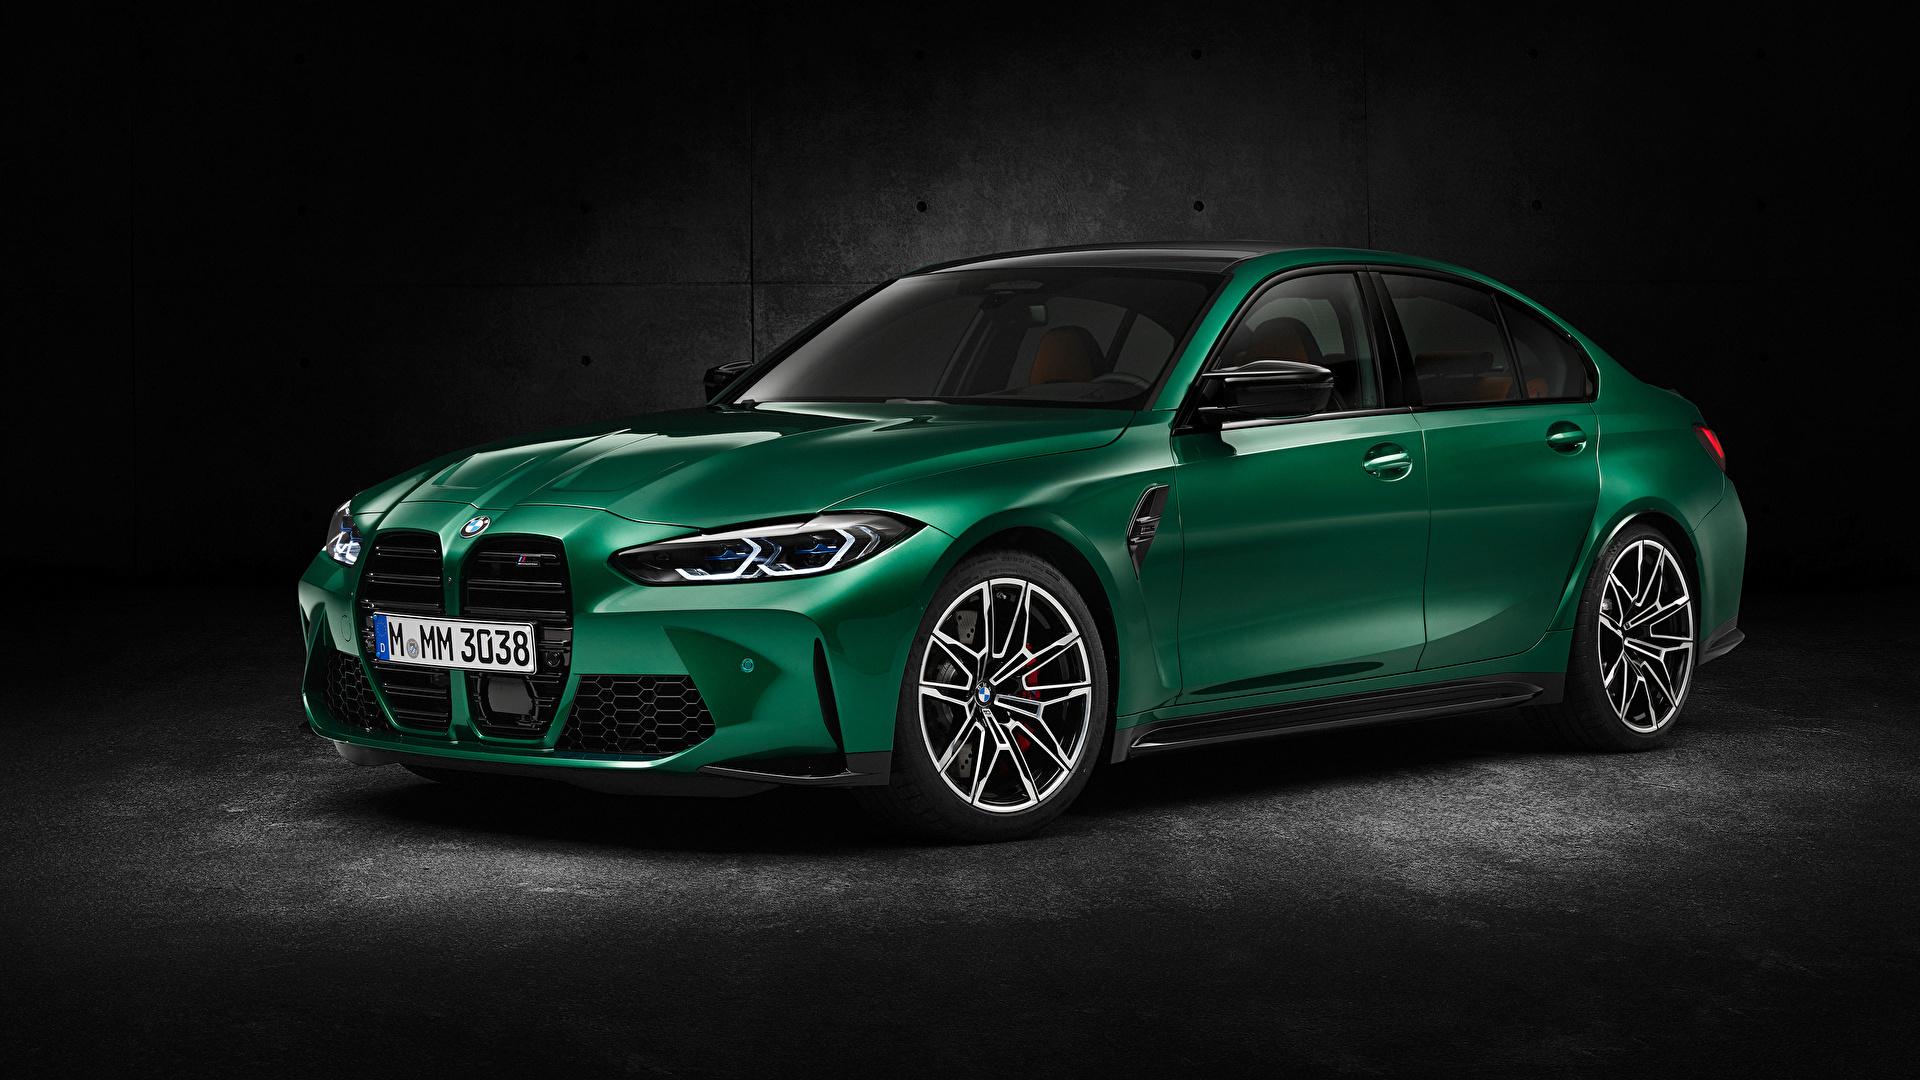 Фотография BMW M3 Competition, (G80), 2020 Зеленый Металлик Автомобили 1920x1080 БМВ зеленая зеленые зеленых авто машины машина автомобиль